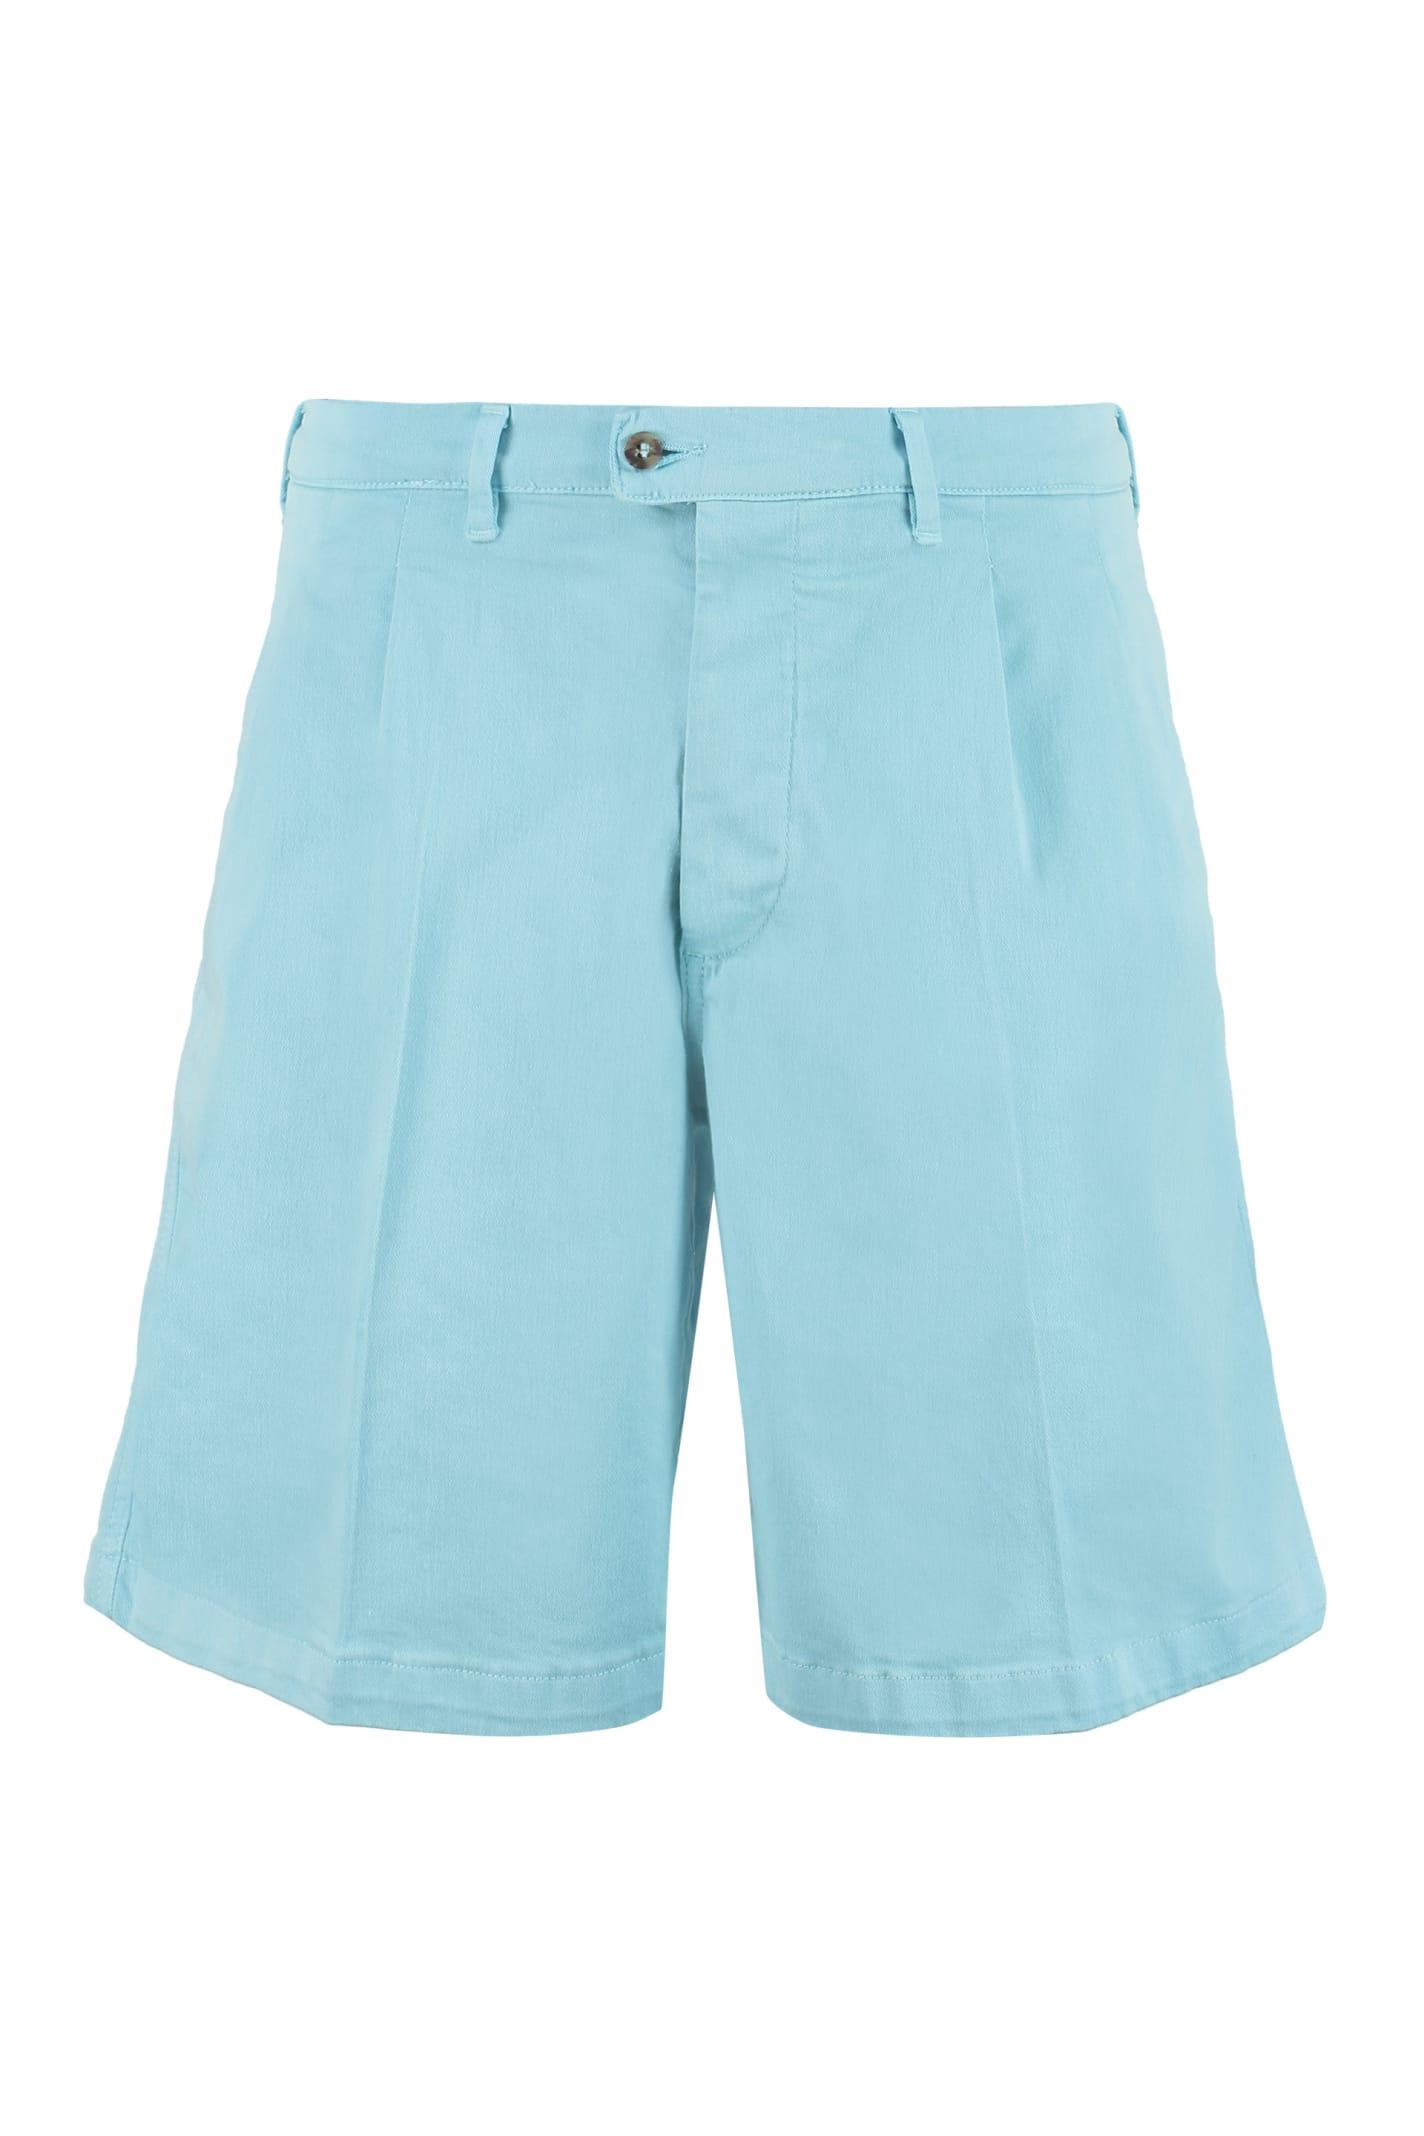 Aaza Short Chino Trousers